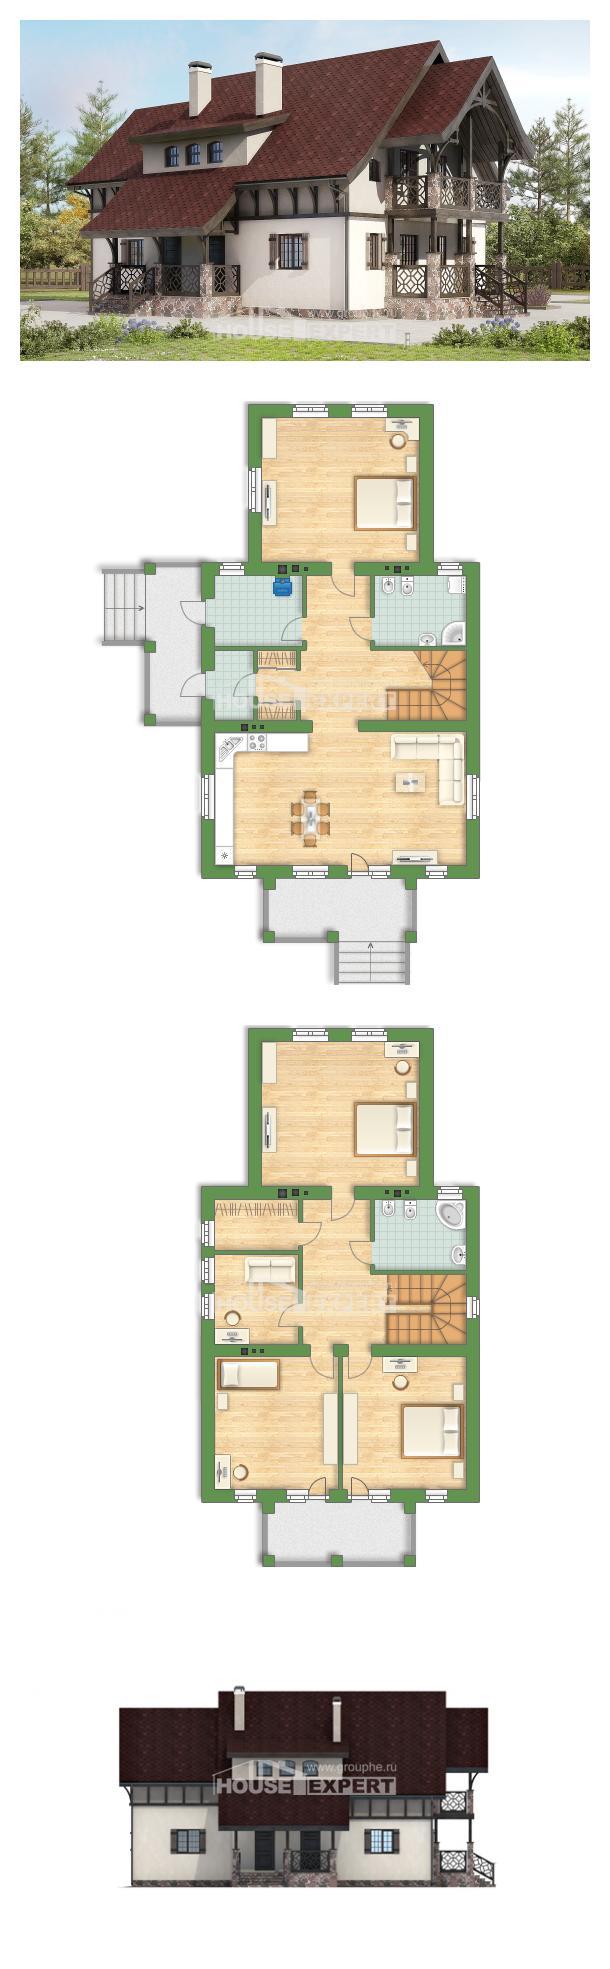 Plan 180-014-R | House Expert